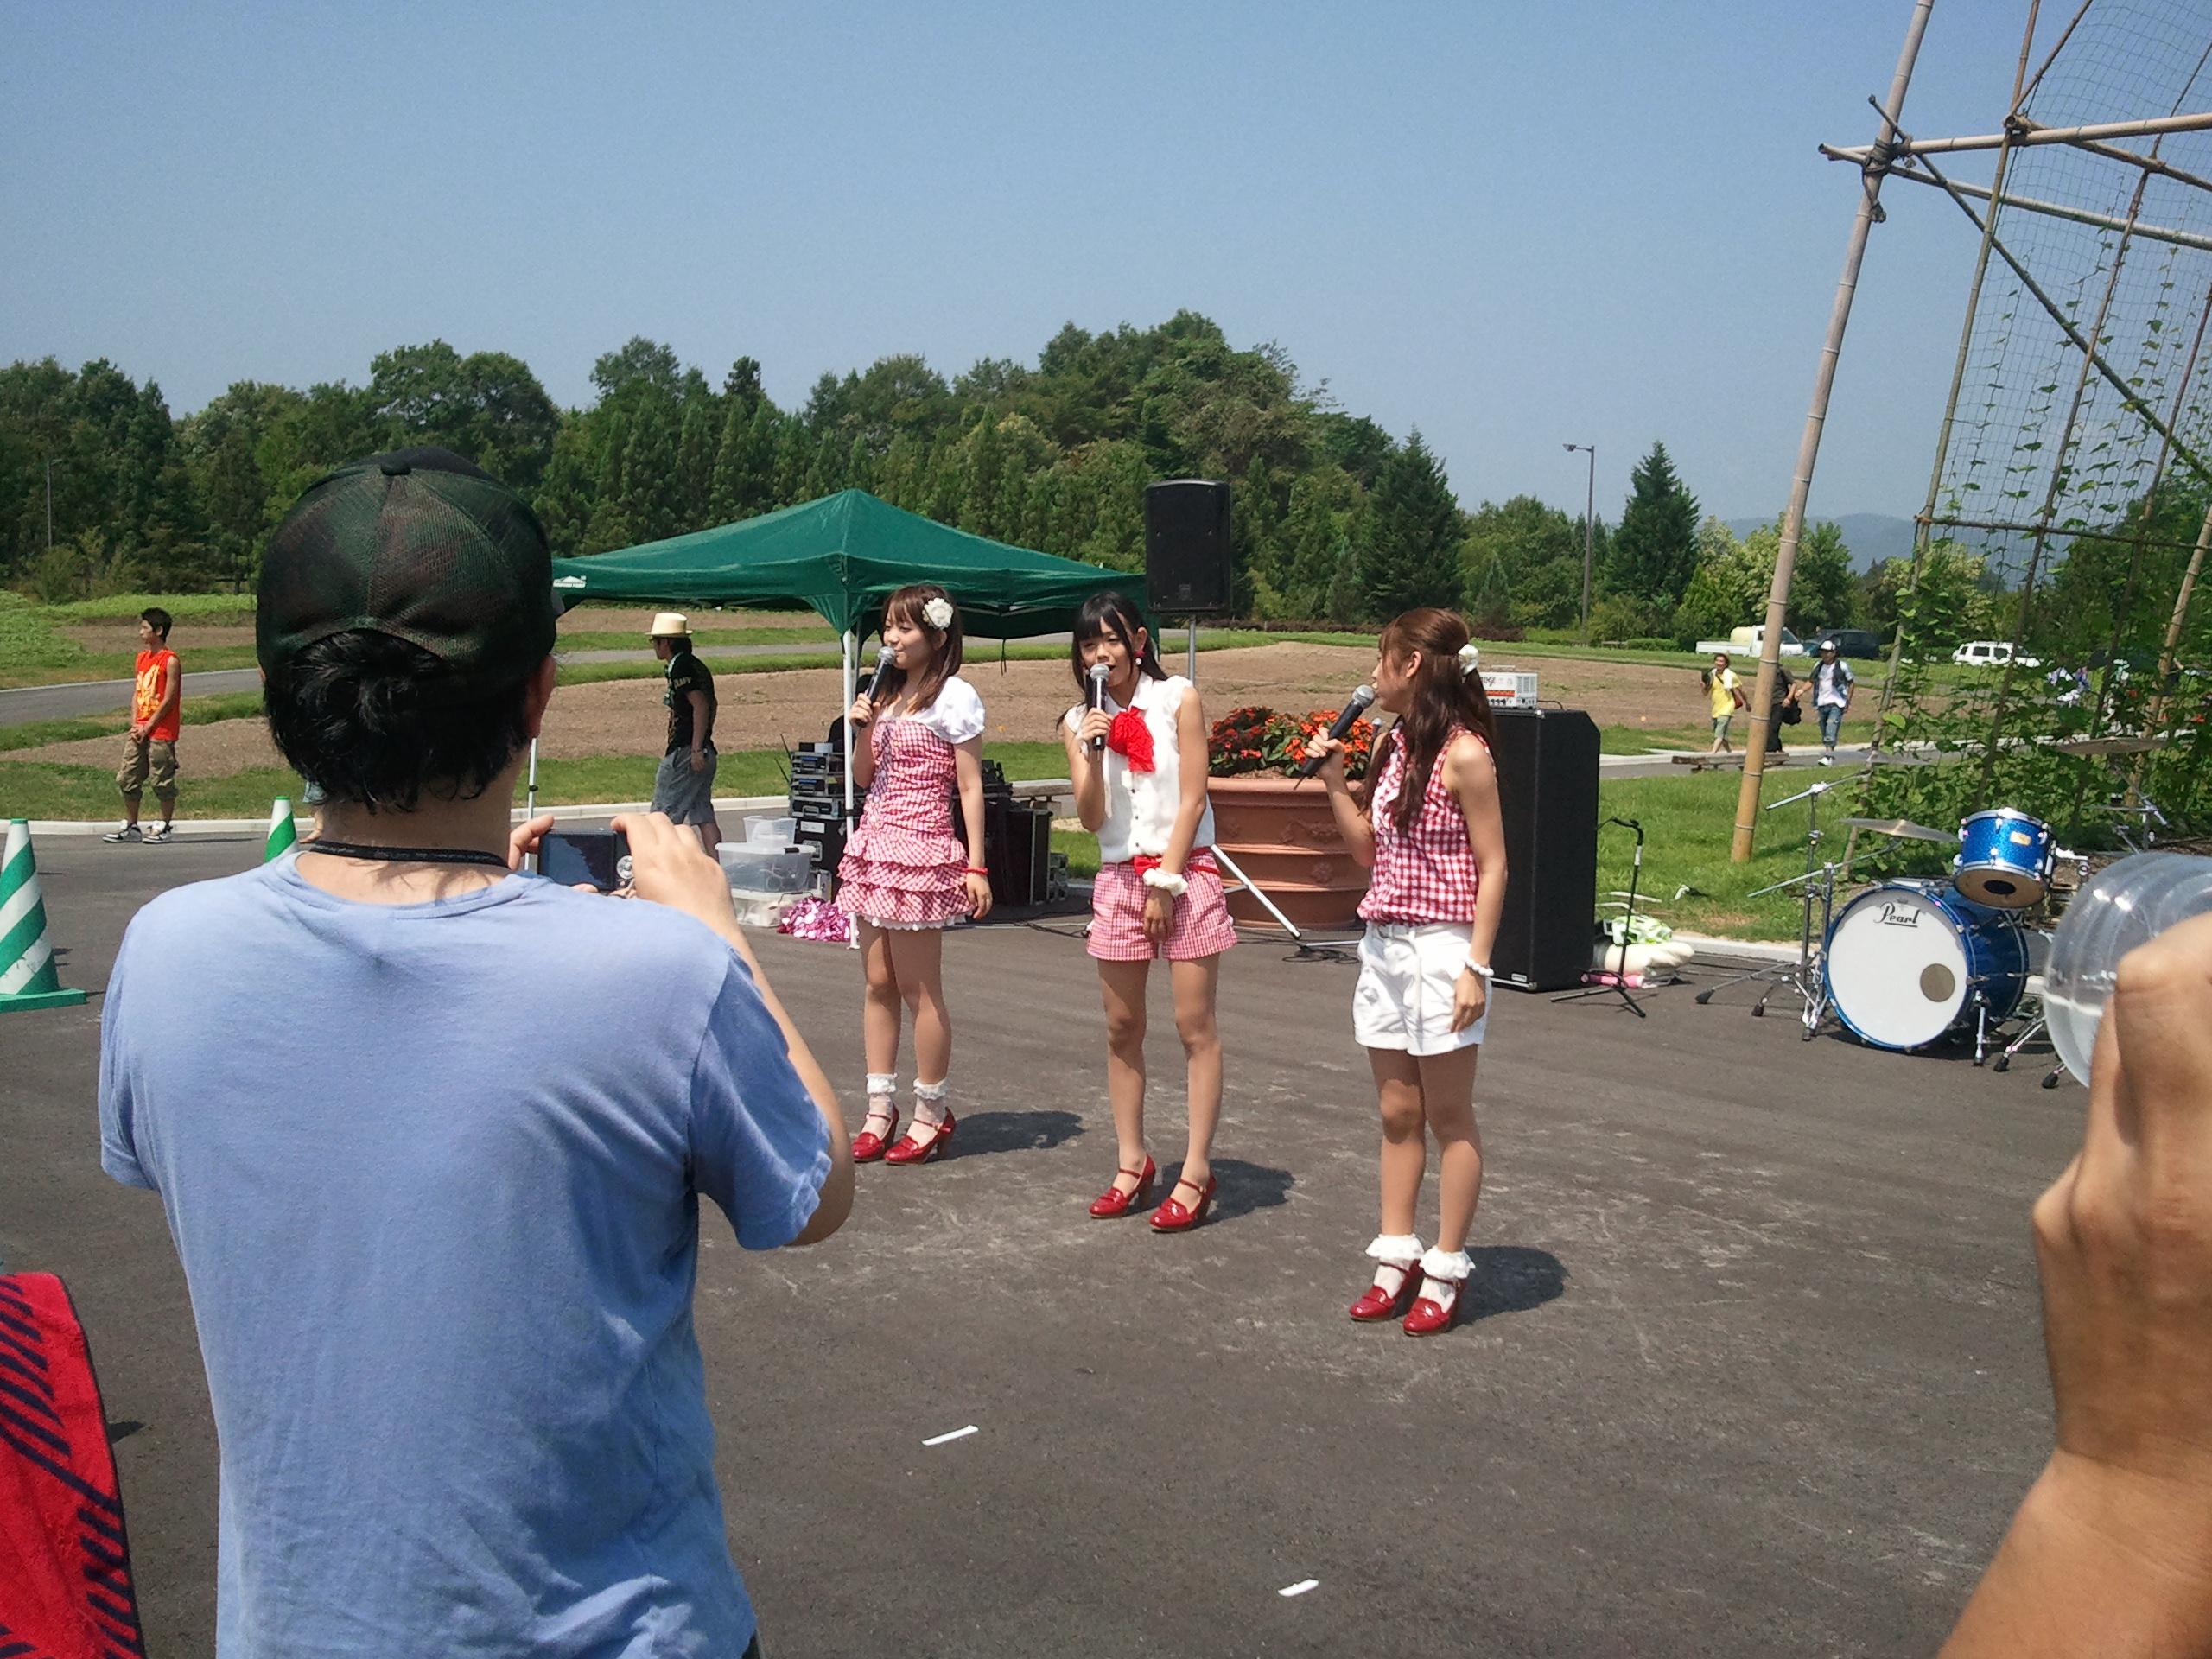 2011-07-24 10.44.35.jpg